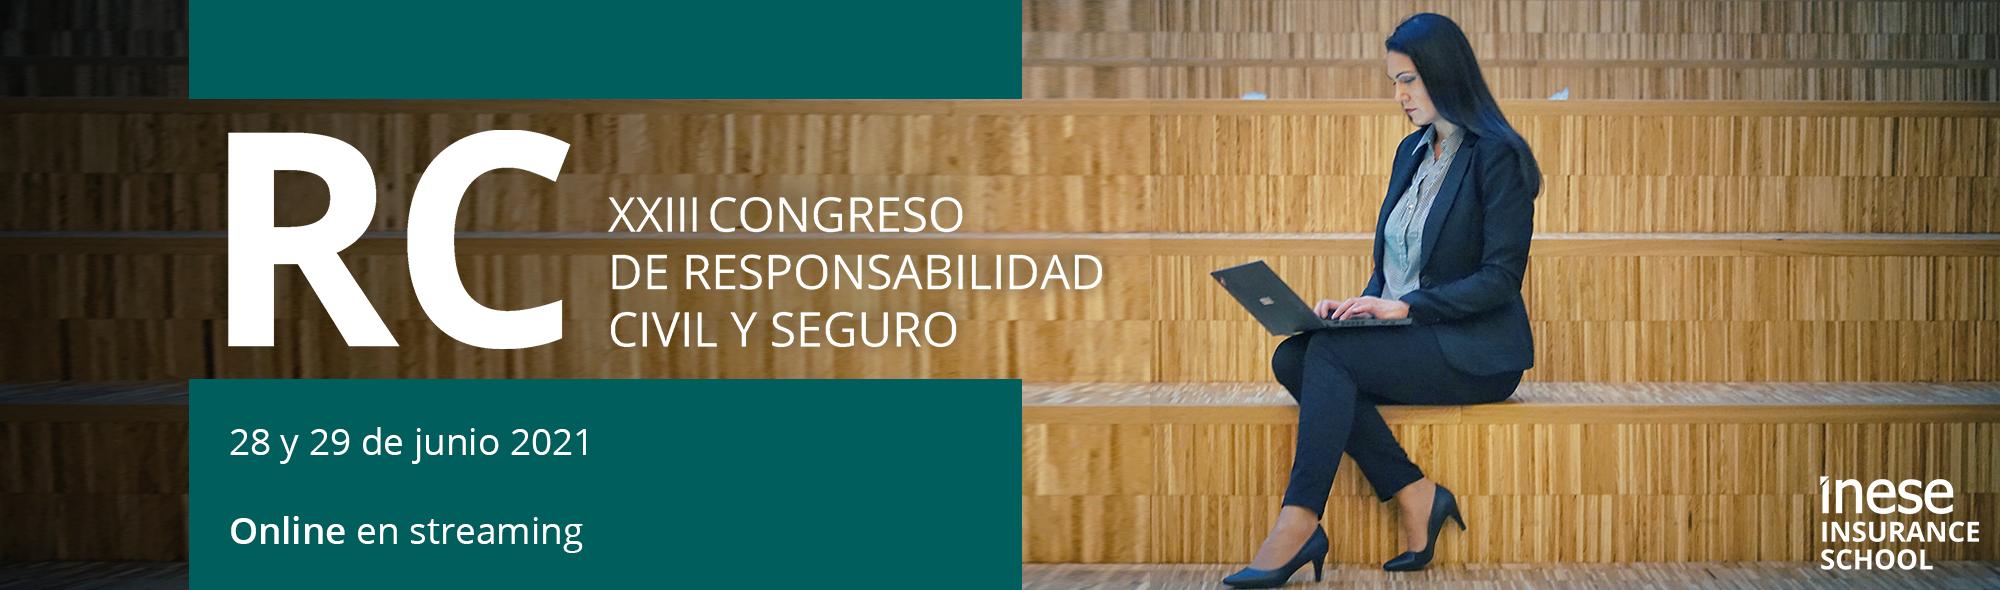 Congreso de Responsabilidad Civil y Seguro